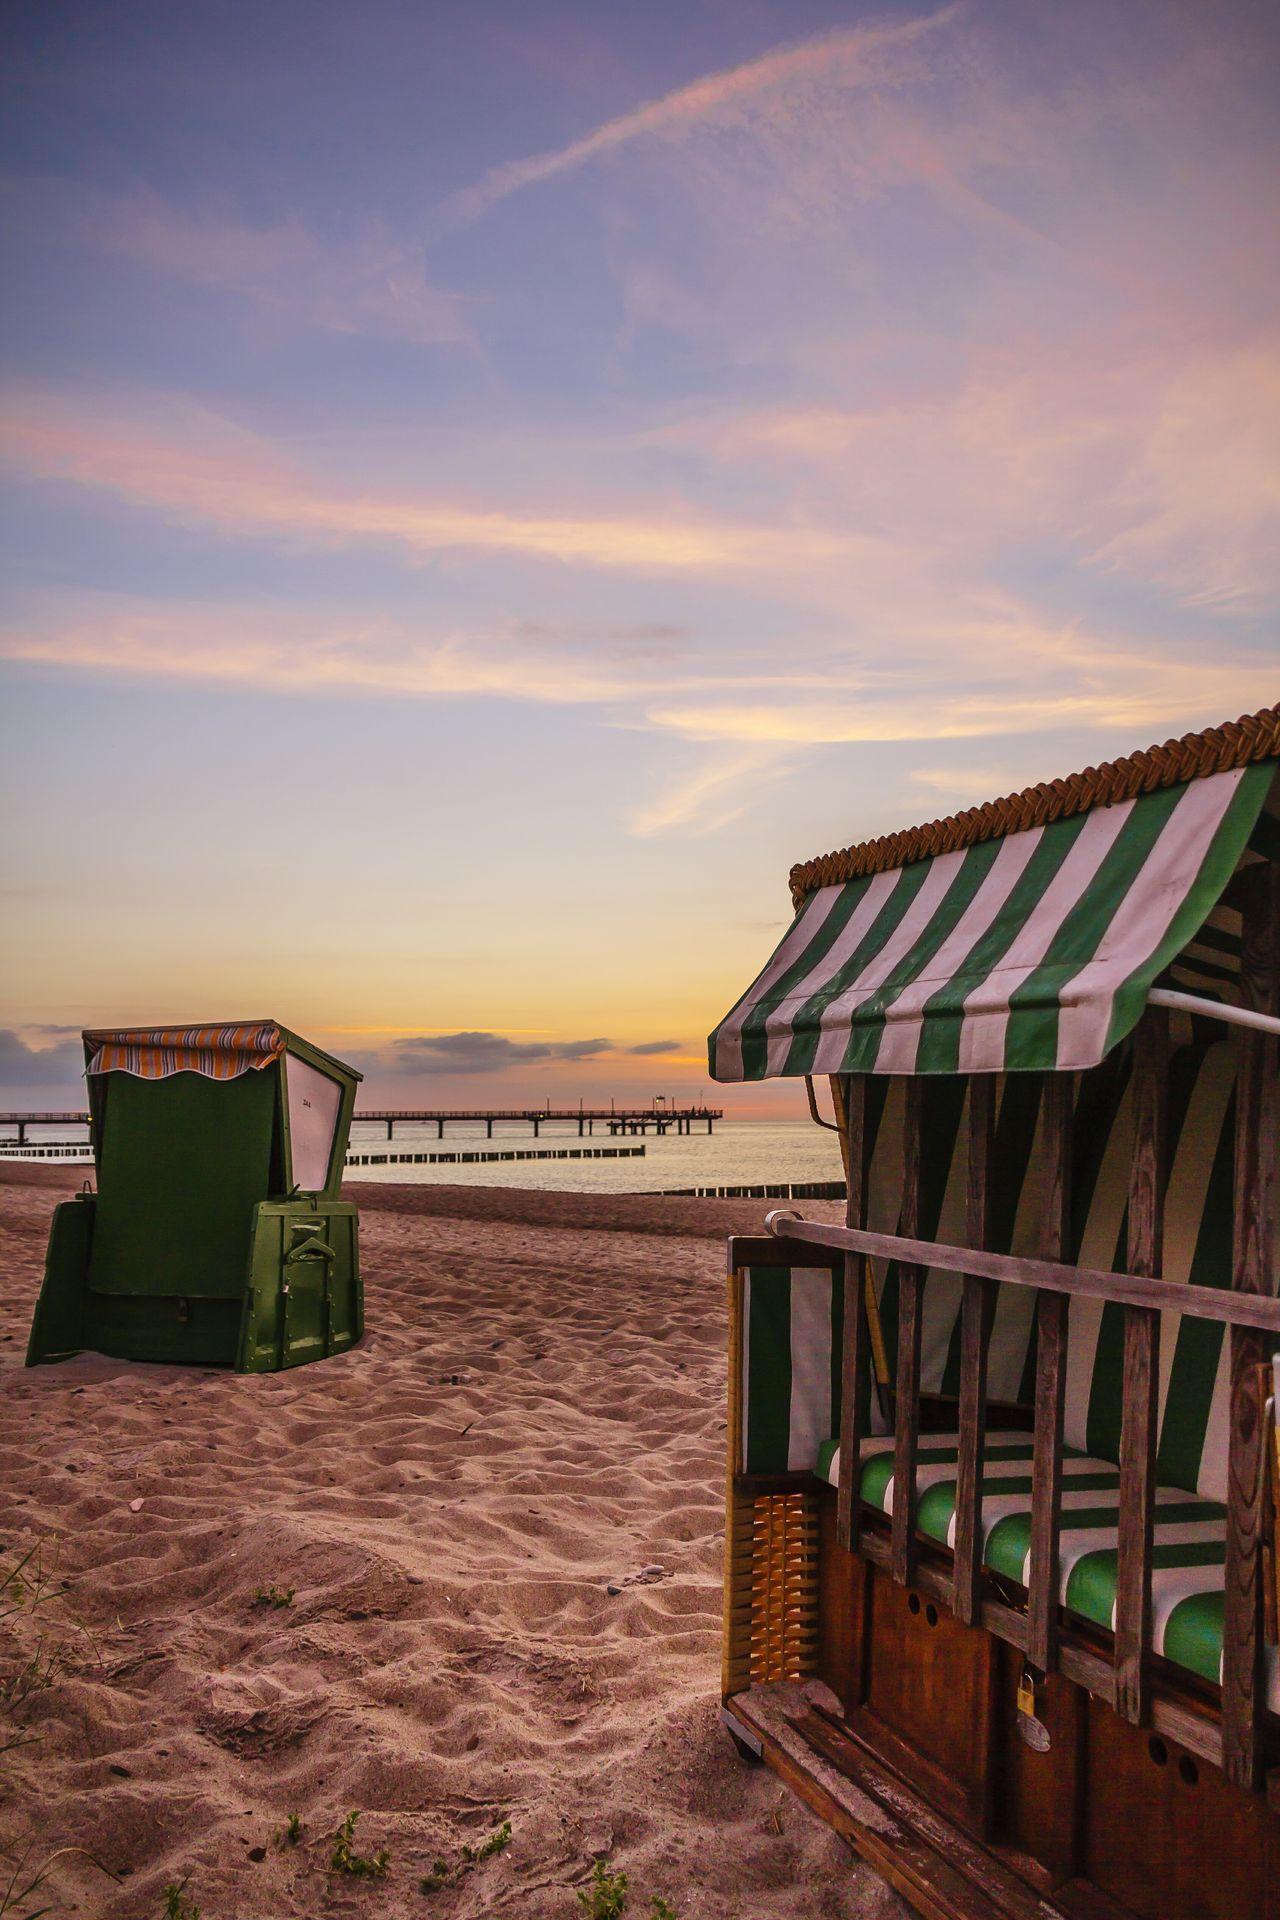 Heiligendamm Ostseeküste Waves, Ocean, Nature Ostsee Sea And Sky Beach Urlaubsstimmung Strand Sunset Sunrise Urlaubserinnerungen Küstenpanorama Wellen Waves Strandkorb Seebrücke Sand Abendstimmung